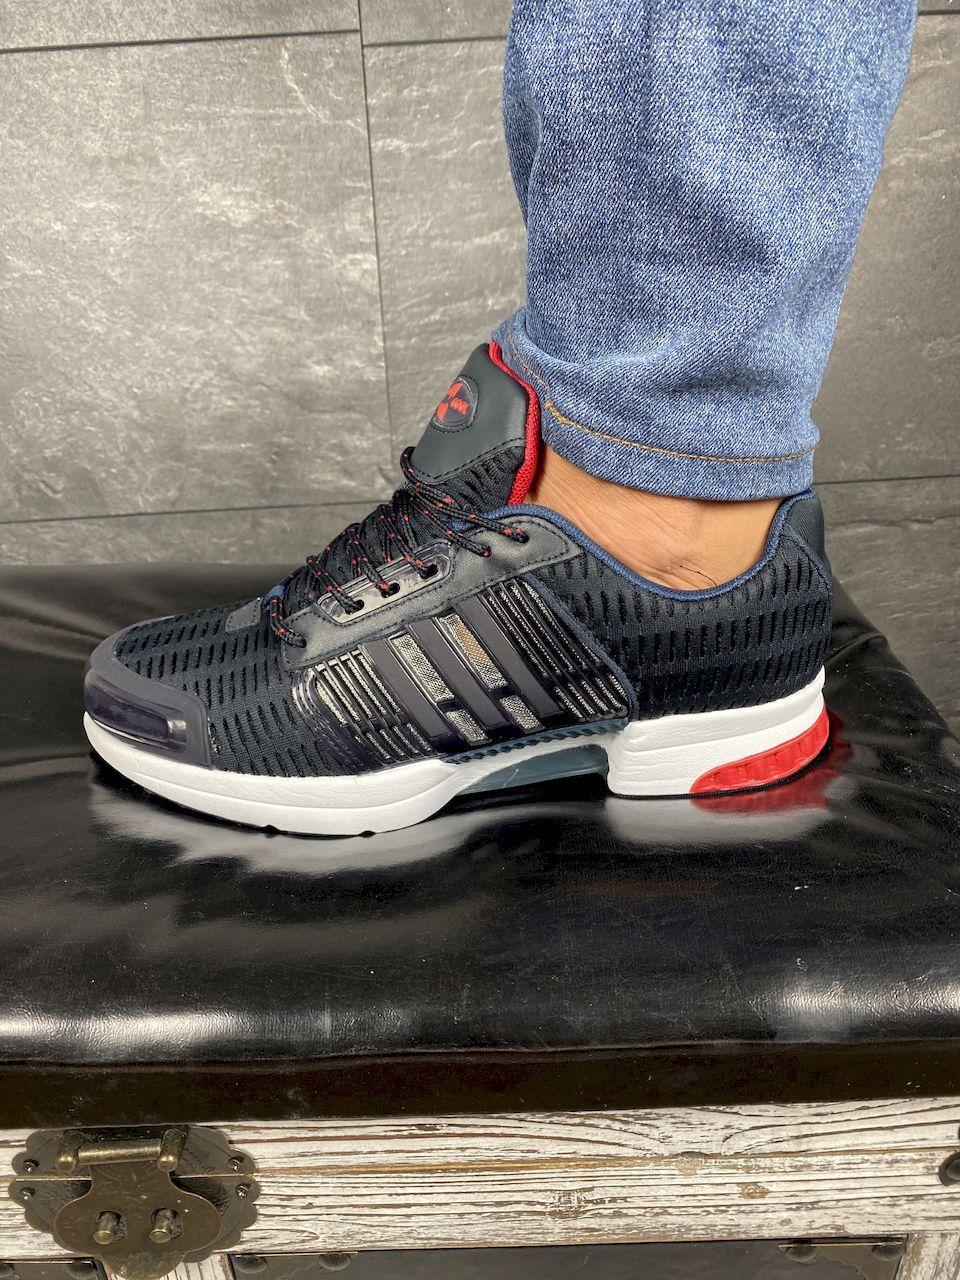 Кроссовки A 1094 -3 (Adidas Climacool) (весна/осень, мужские, текстиль, синий-черный)